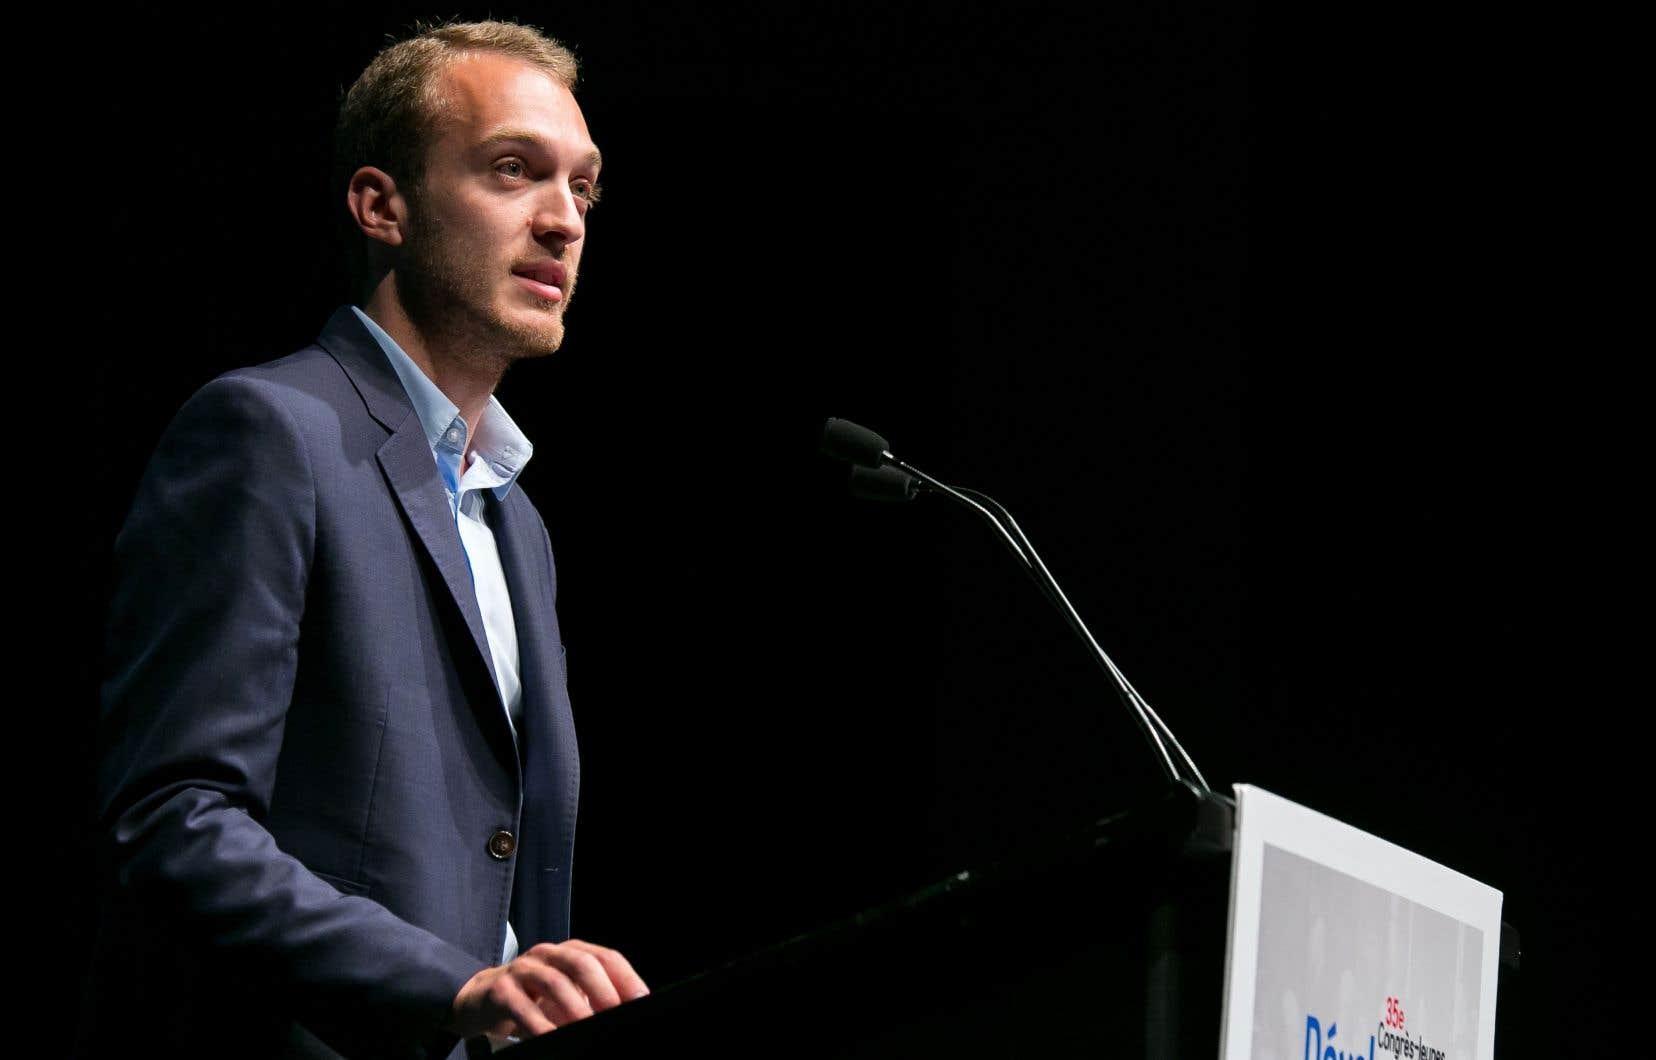 «On a une crise à régler. Il faut absolument qu'on trouve des solutions», a commenté le président de l'aile jeunesse du PLQ, Stéphane Stril.